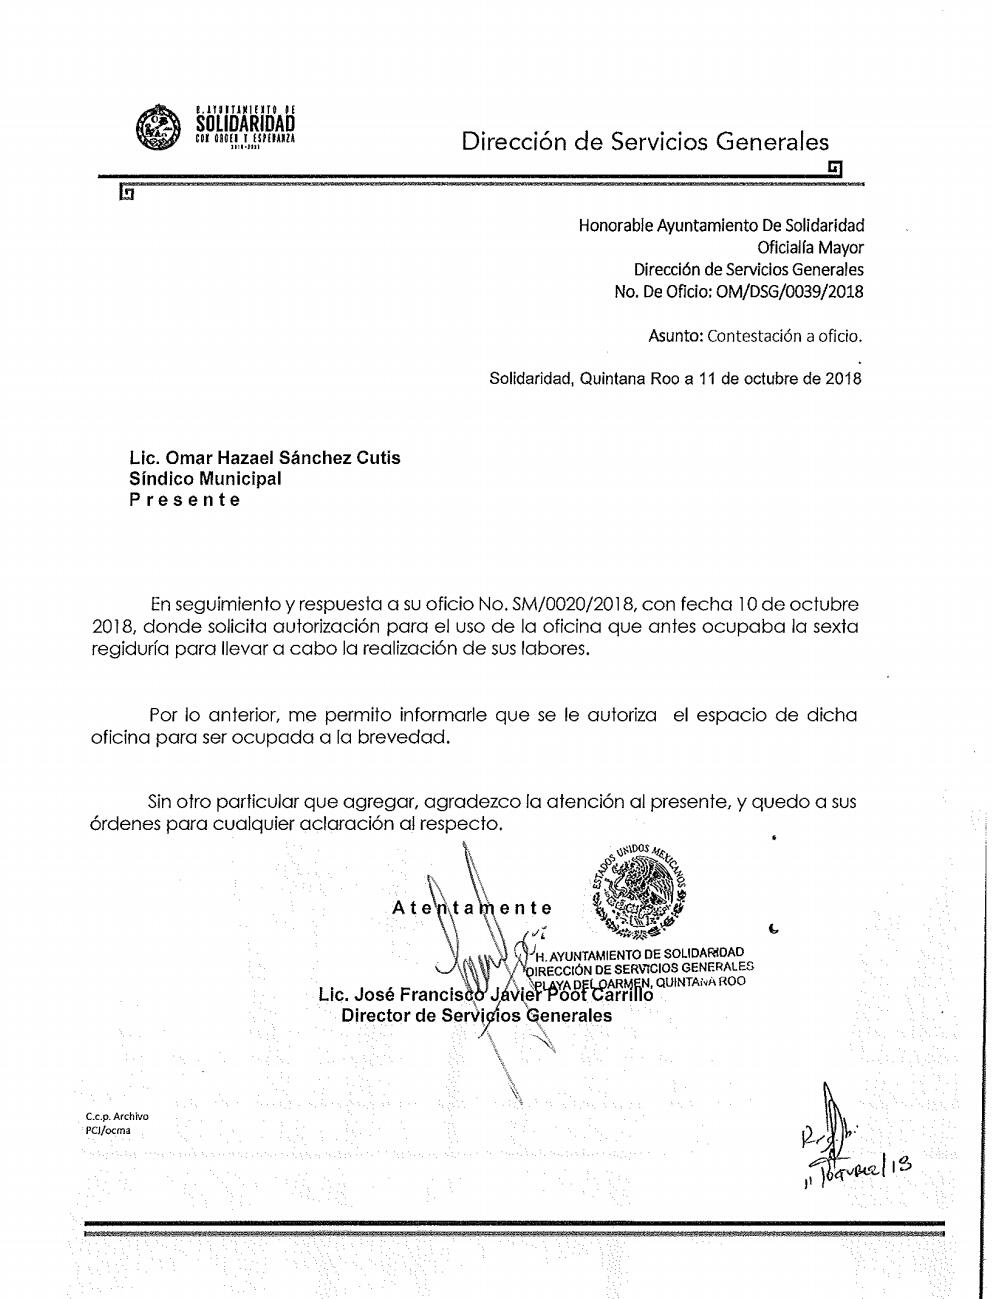 PLEITO POR UNA OFICINA EN LA 'CUARTA TRANSFORMACIÓN': Regidor de Laura Beristaín, fuera de control